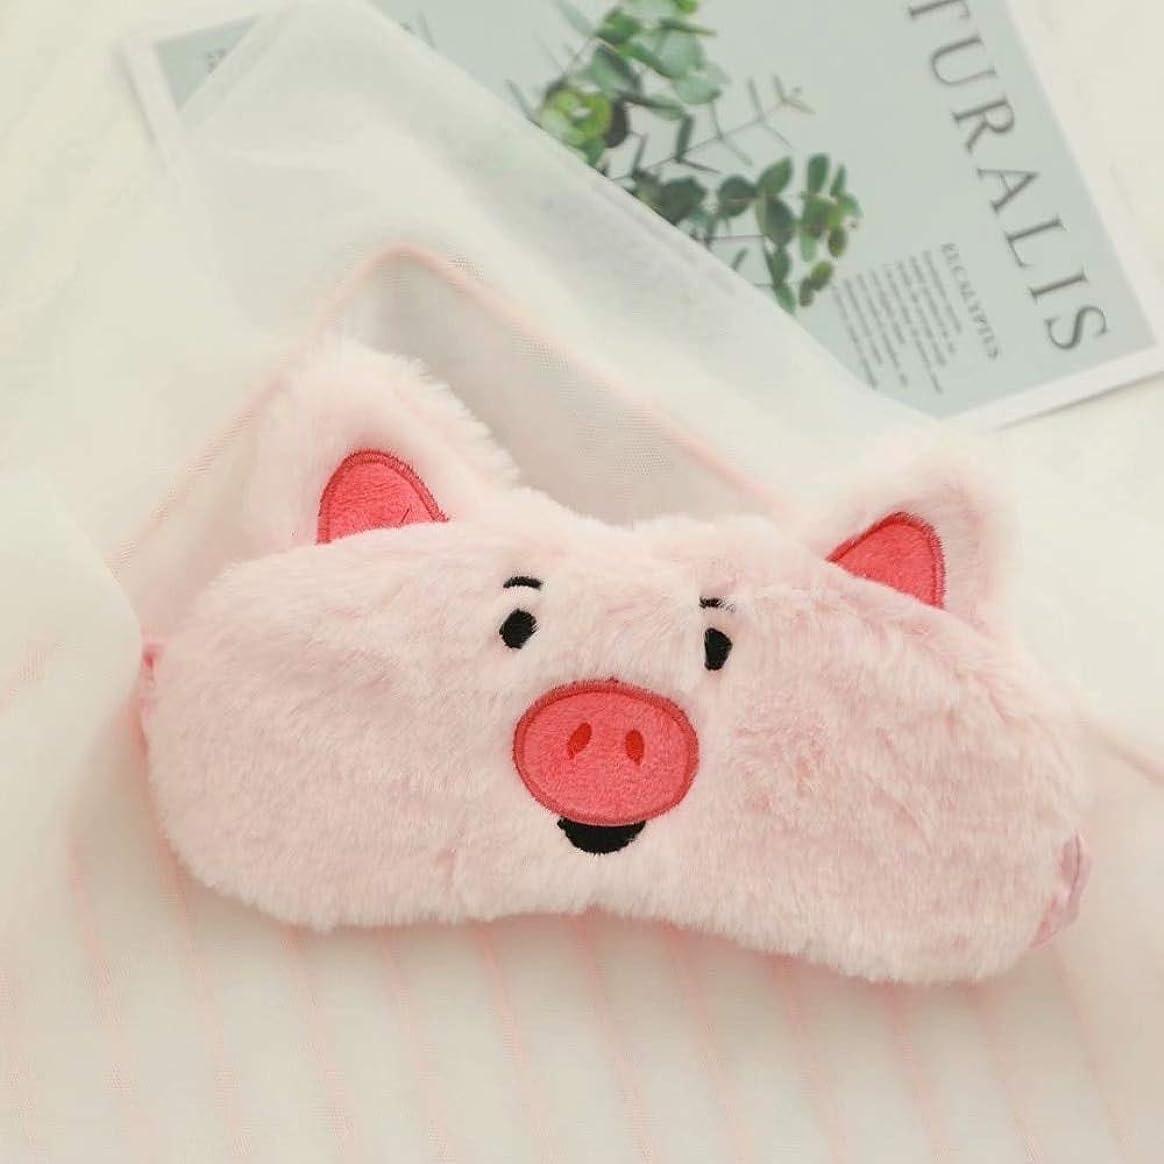 注目ケアツール漫画豚アイマスクスリーピングマスクぬいぐるみアイシェードカバー目隠しアイシェード旅行家のギフト